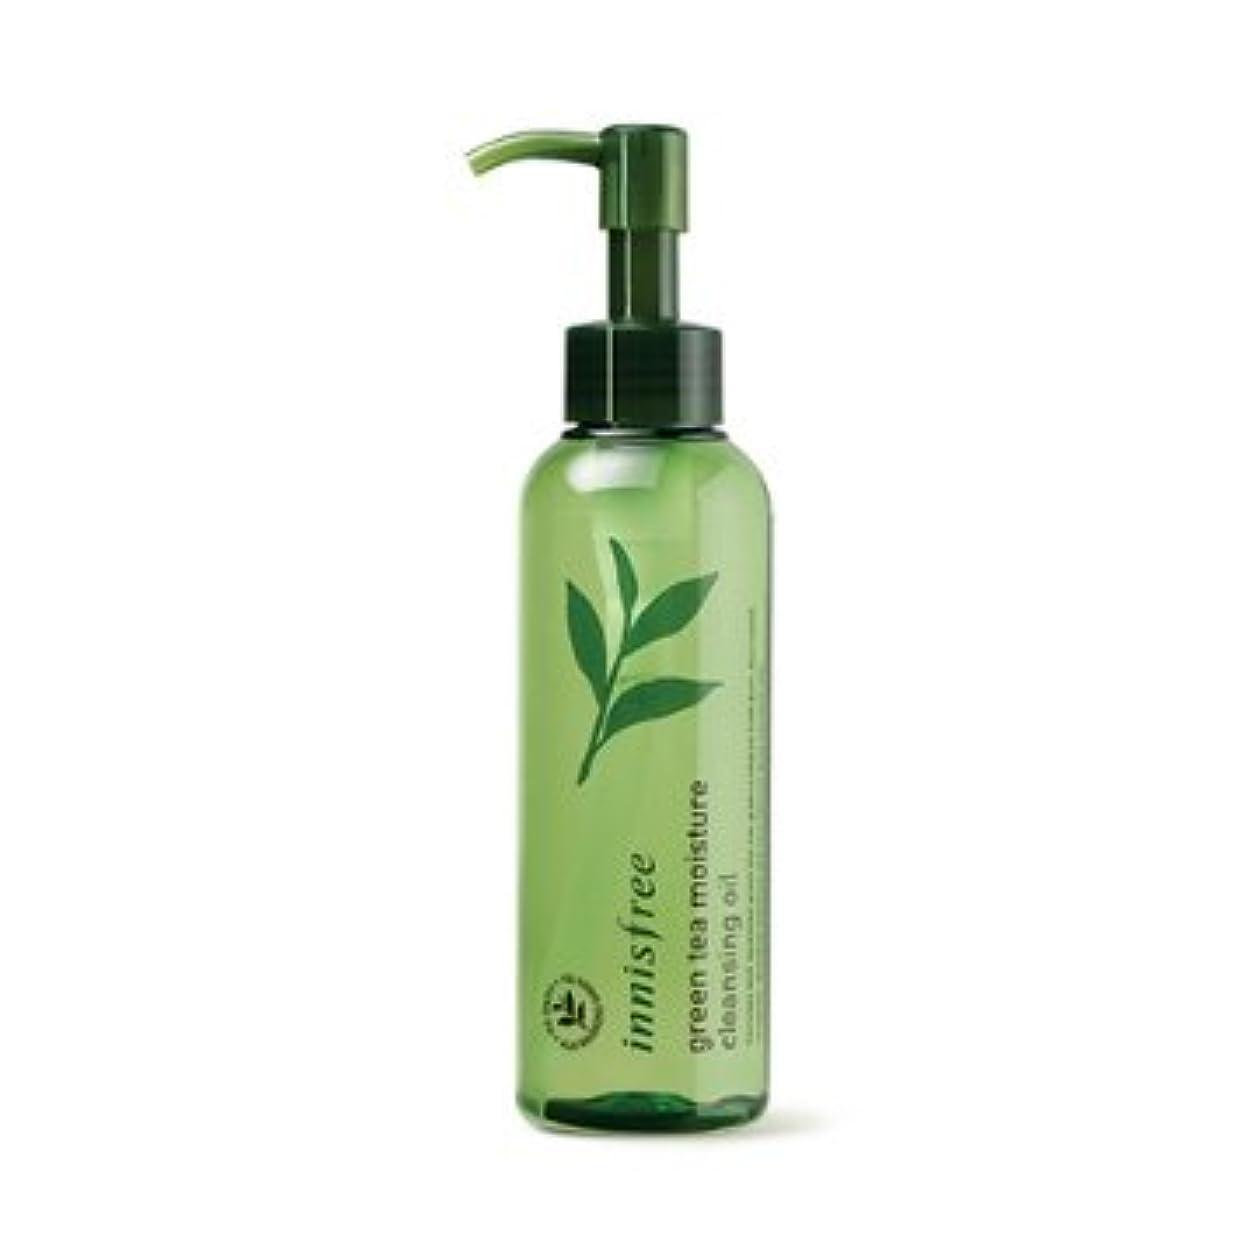 【イニスフリー】Innisfree green tea moisture cleansing oil - 150ml (韓国直送品) (SHOPPINGINSTAGRAM)